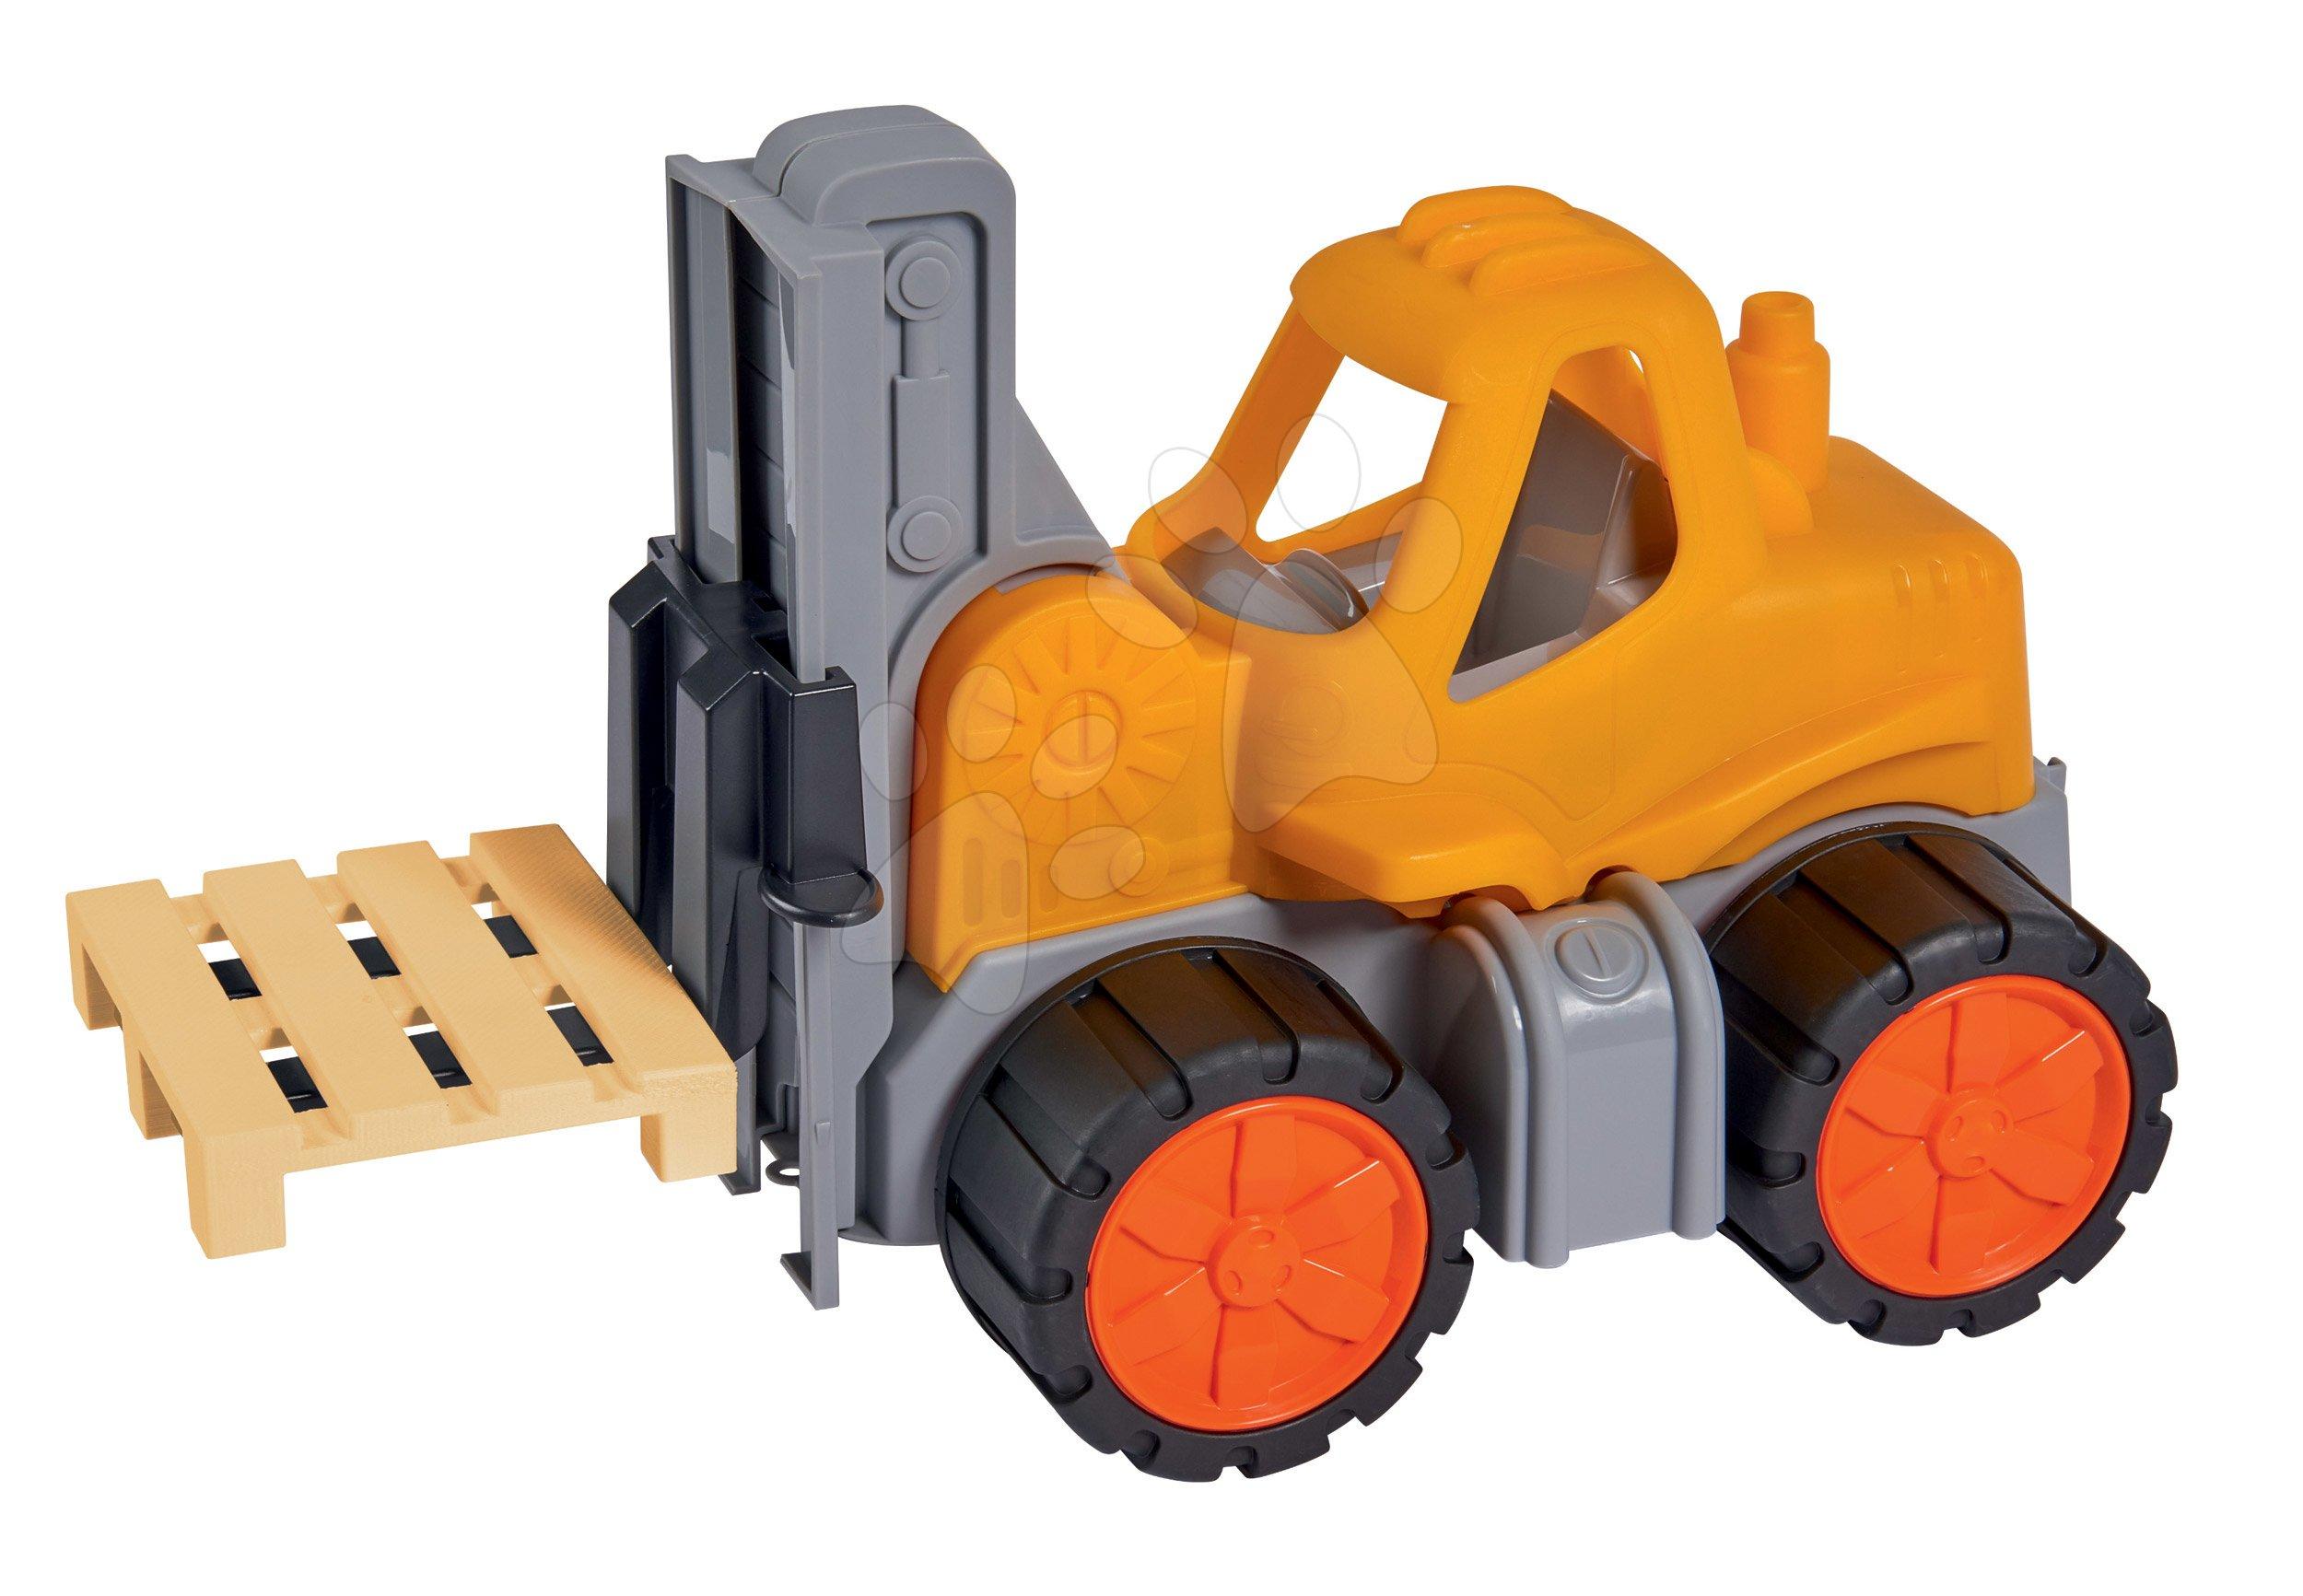 Homokozó autók - Targonca Forklift Power Worker BIG munkagép funkciókkal 42 cm - gumikerekekkel 2 éves kortól